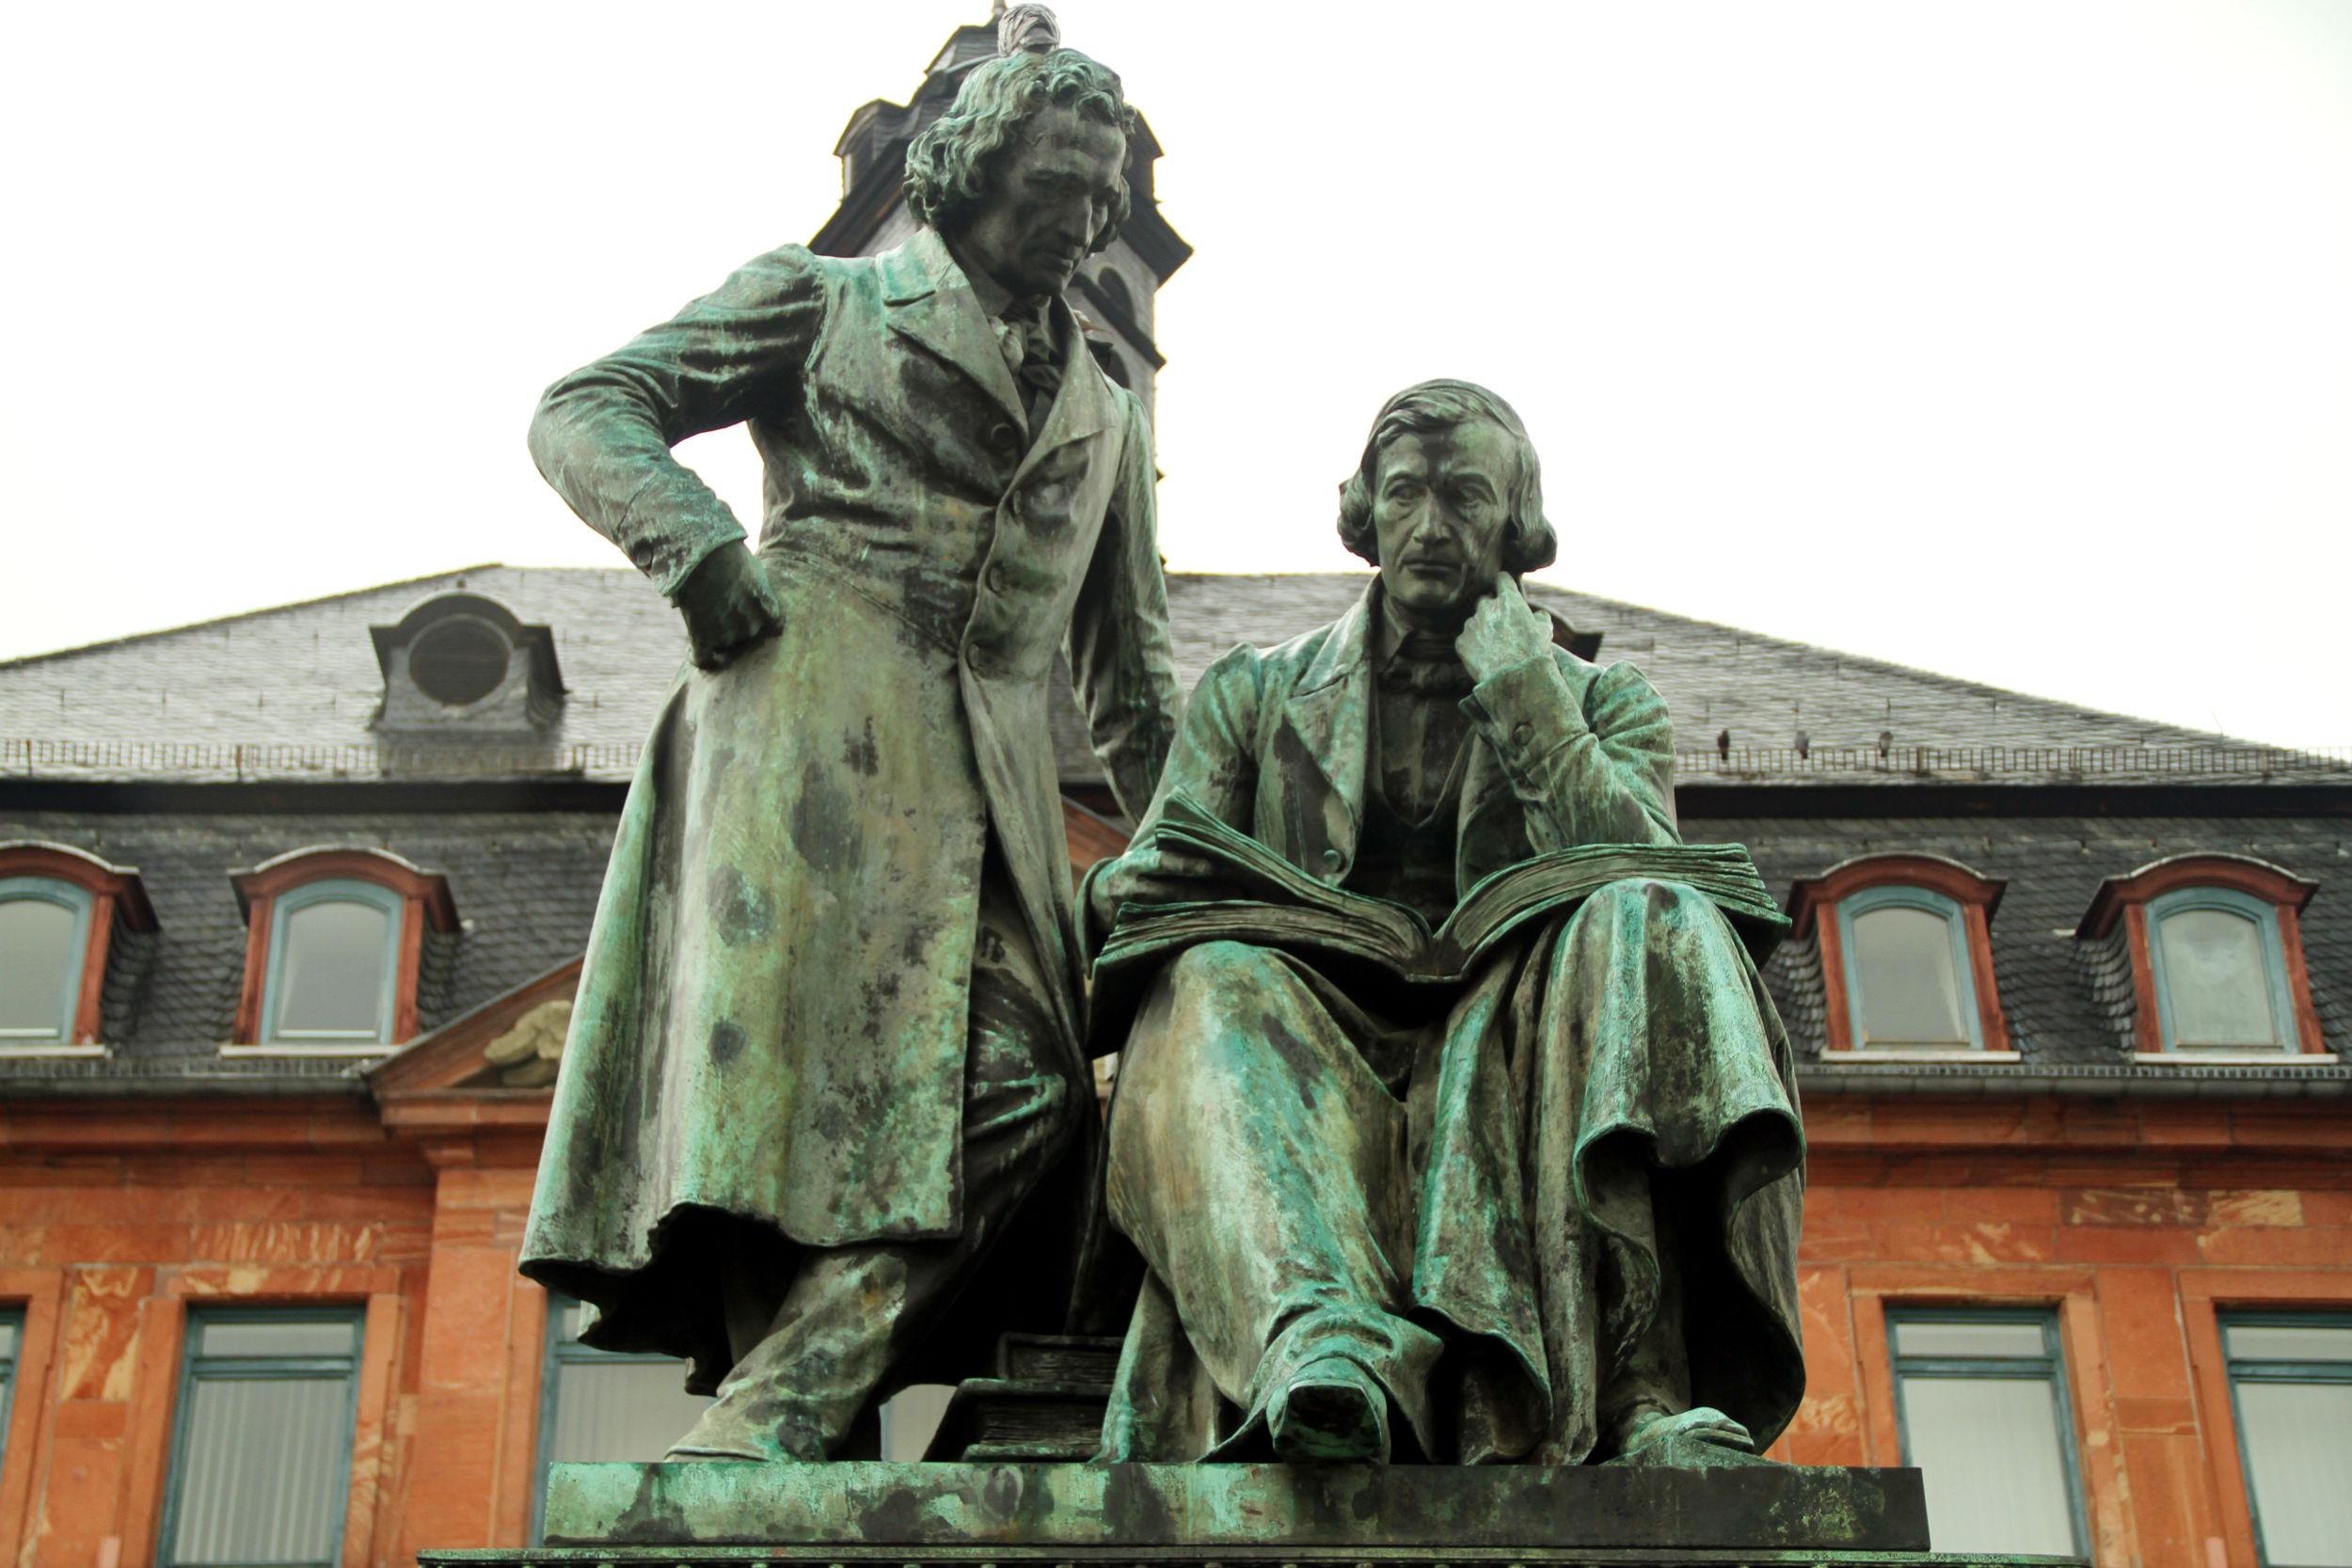 Vista do monumento nacional dedicado aos Irmãos Grimm, em Hanau, declarada 'Cidade dos Irmãos Grimm' e cidade natal desses irmãos (foto: Eduardo Vessoni)